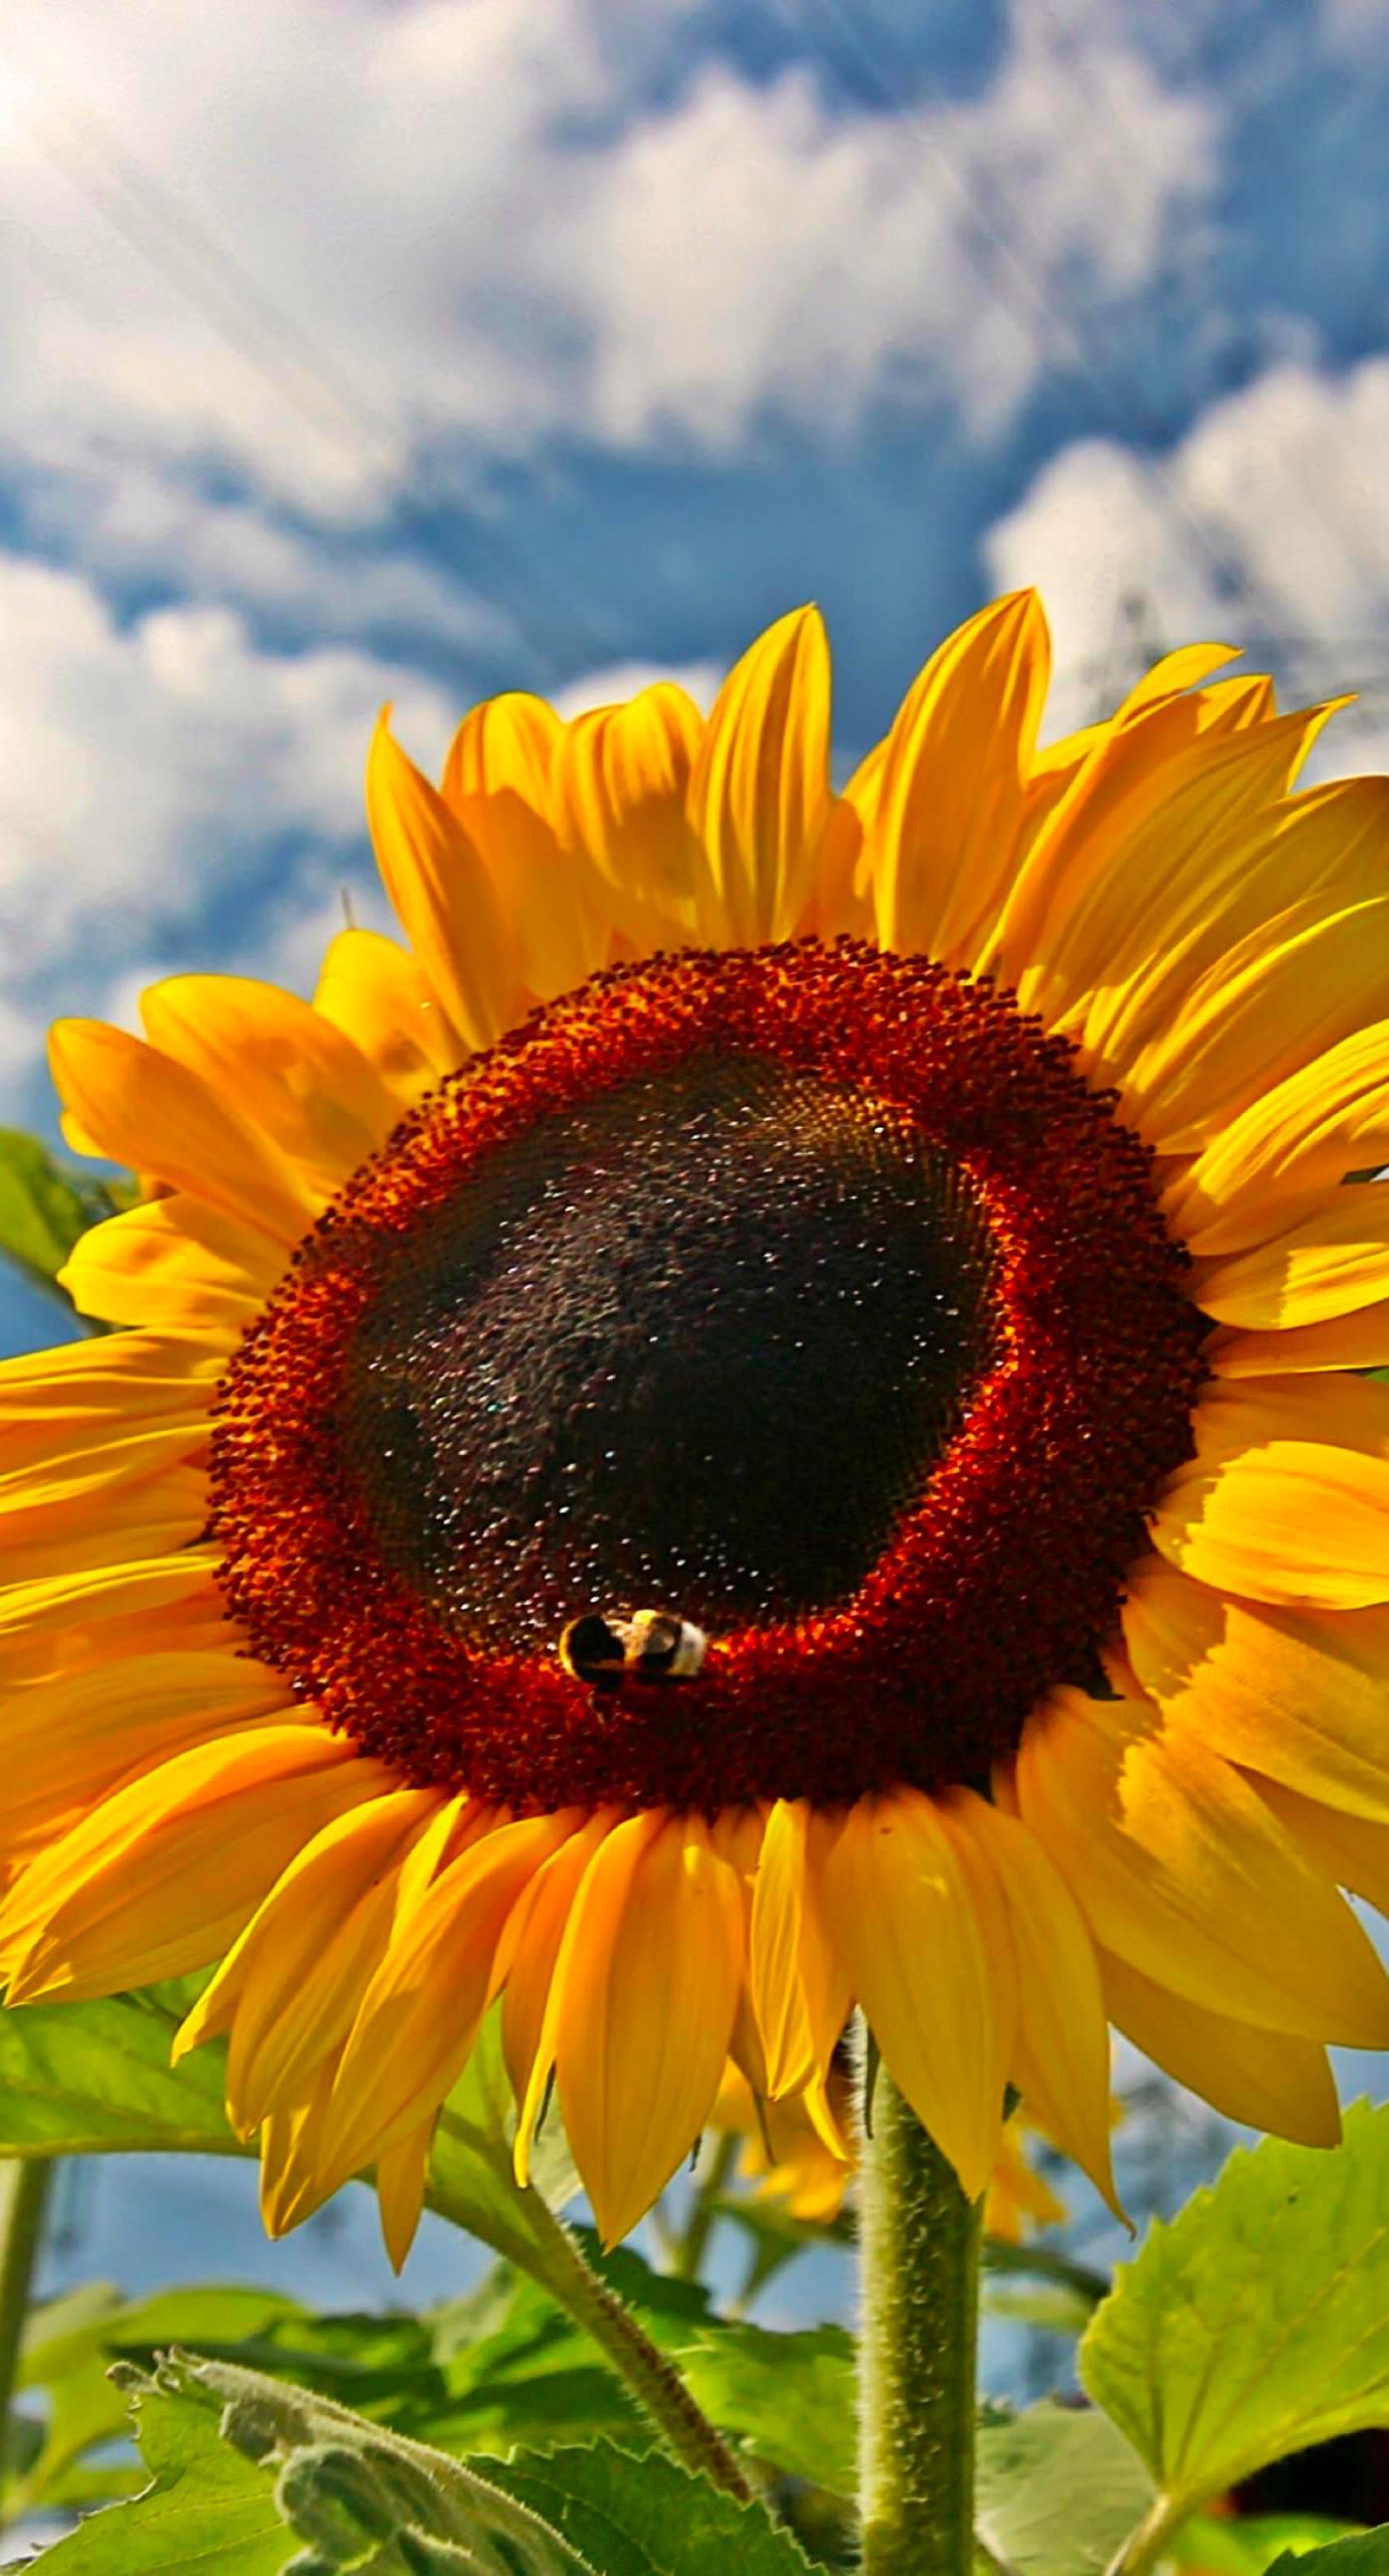 Sunflower sky flower wallpapersc iPhone7Plus 1398x2592